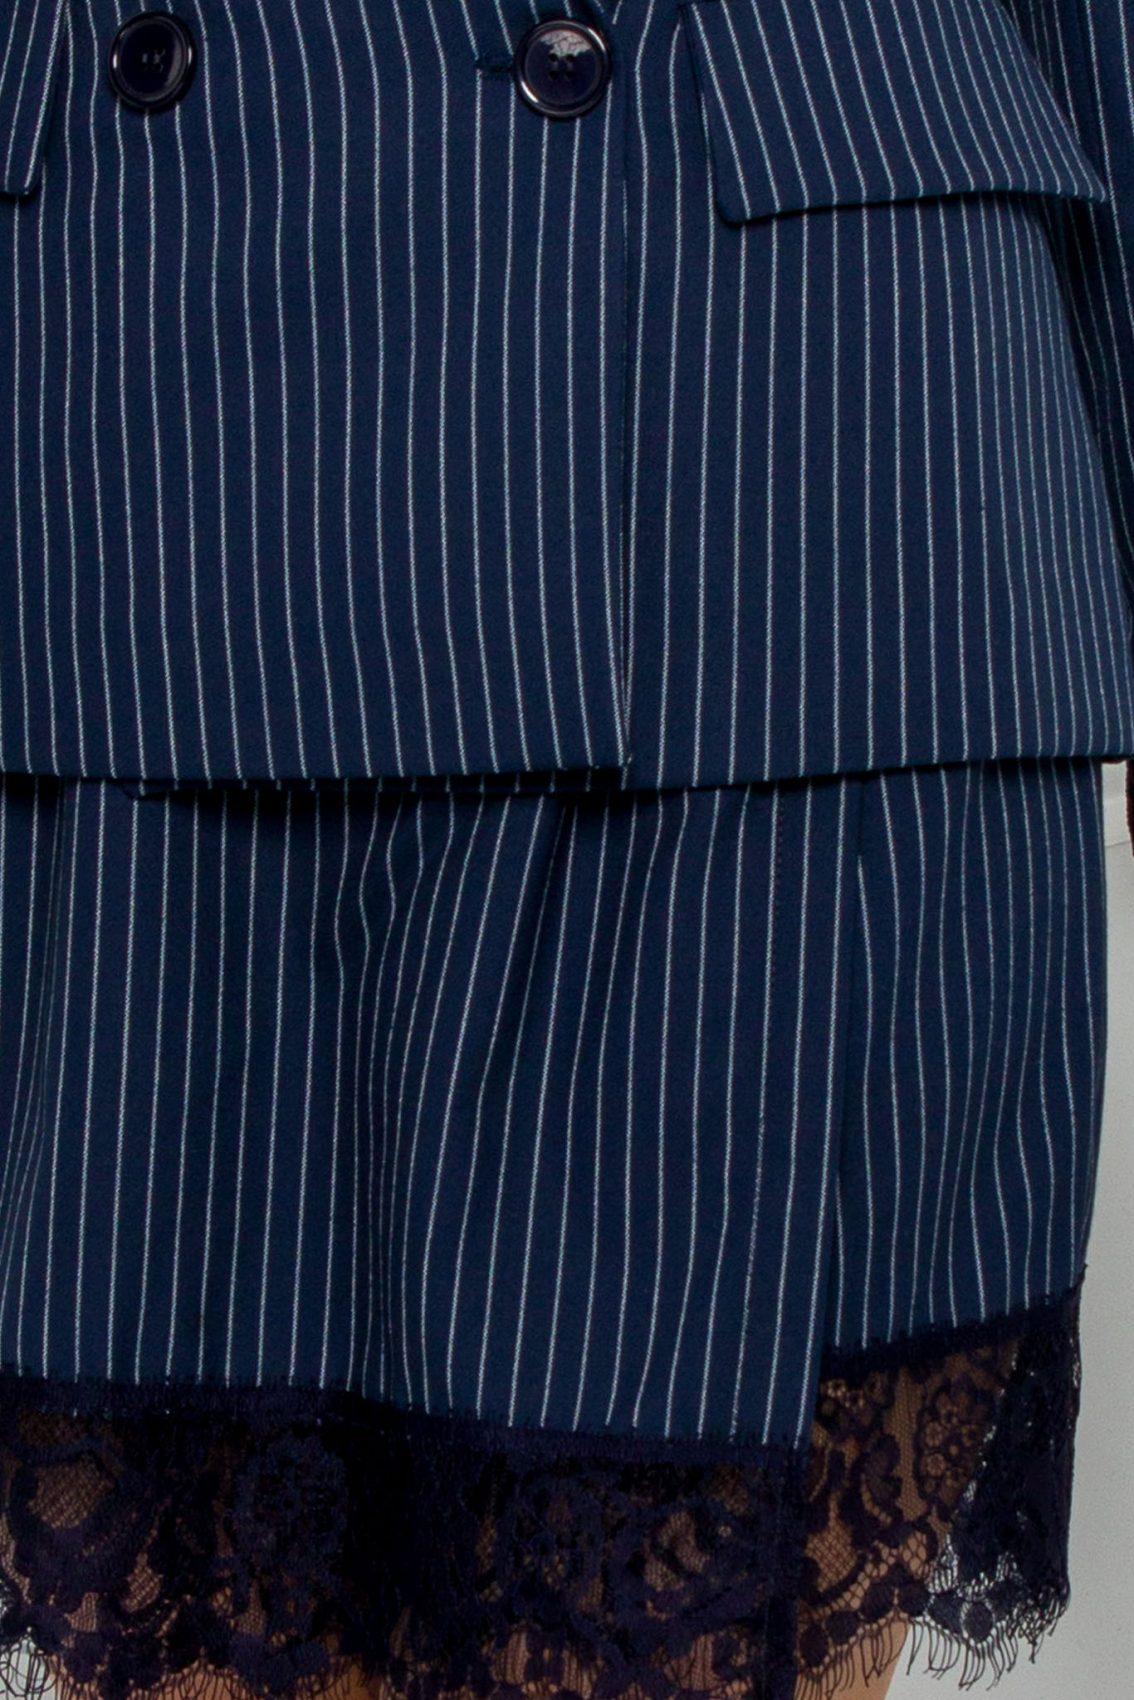 Μπλε Σετ Σακάκι Με Σορτς Betsy 9553 4